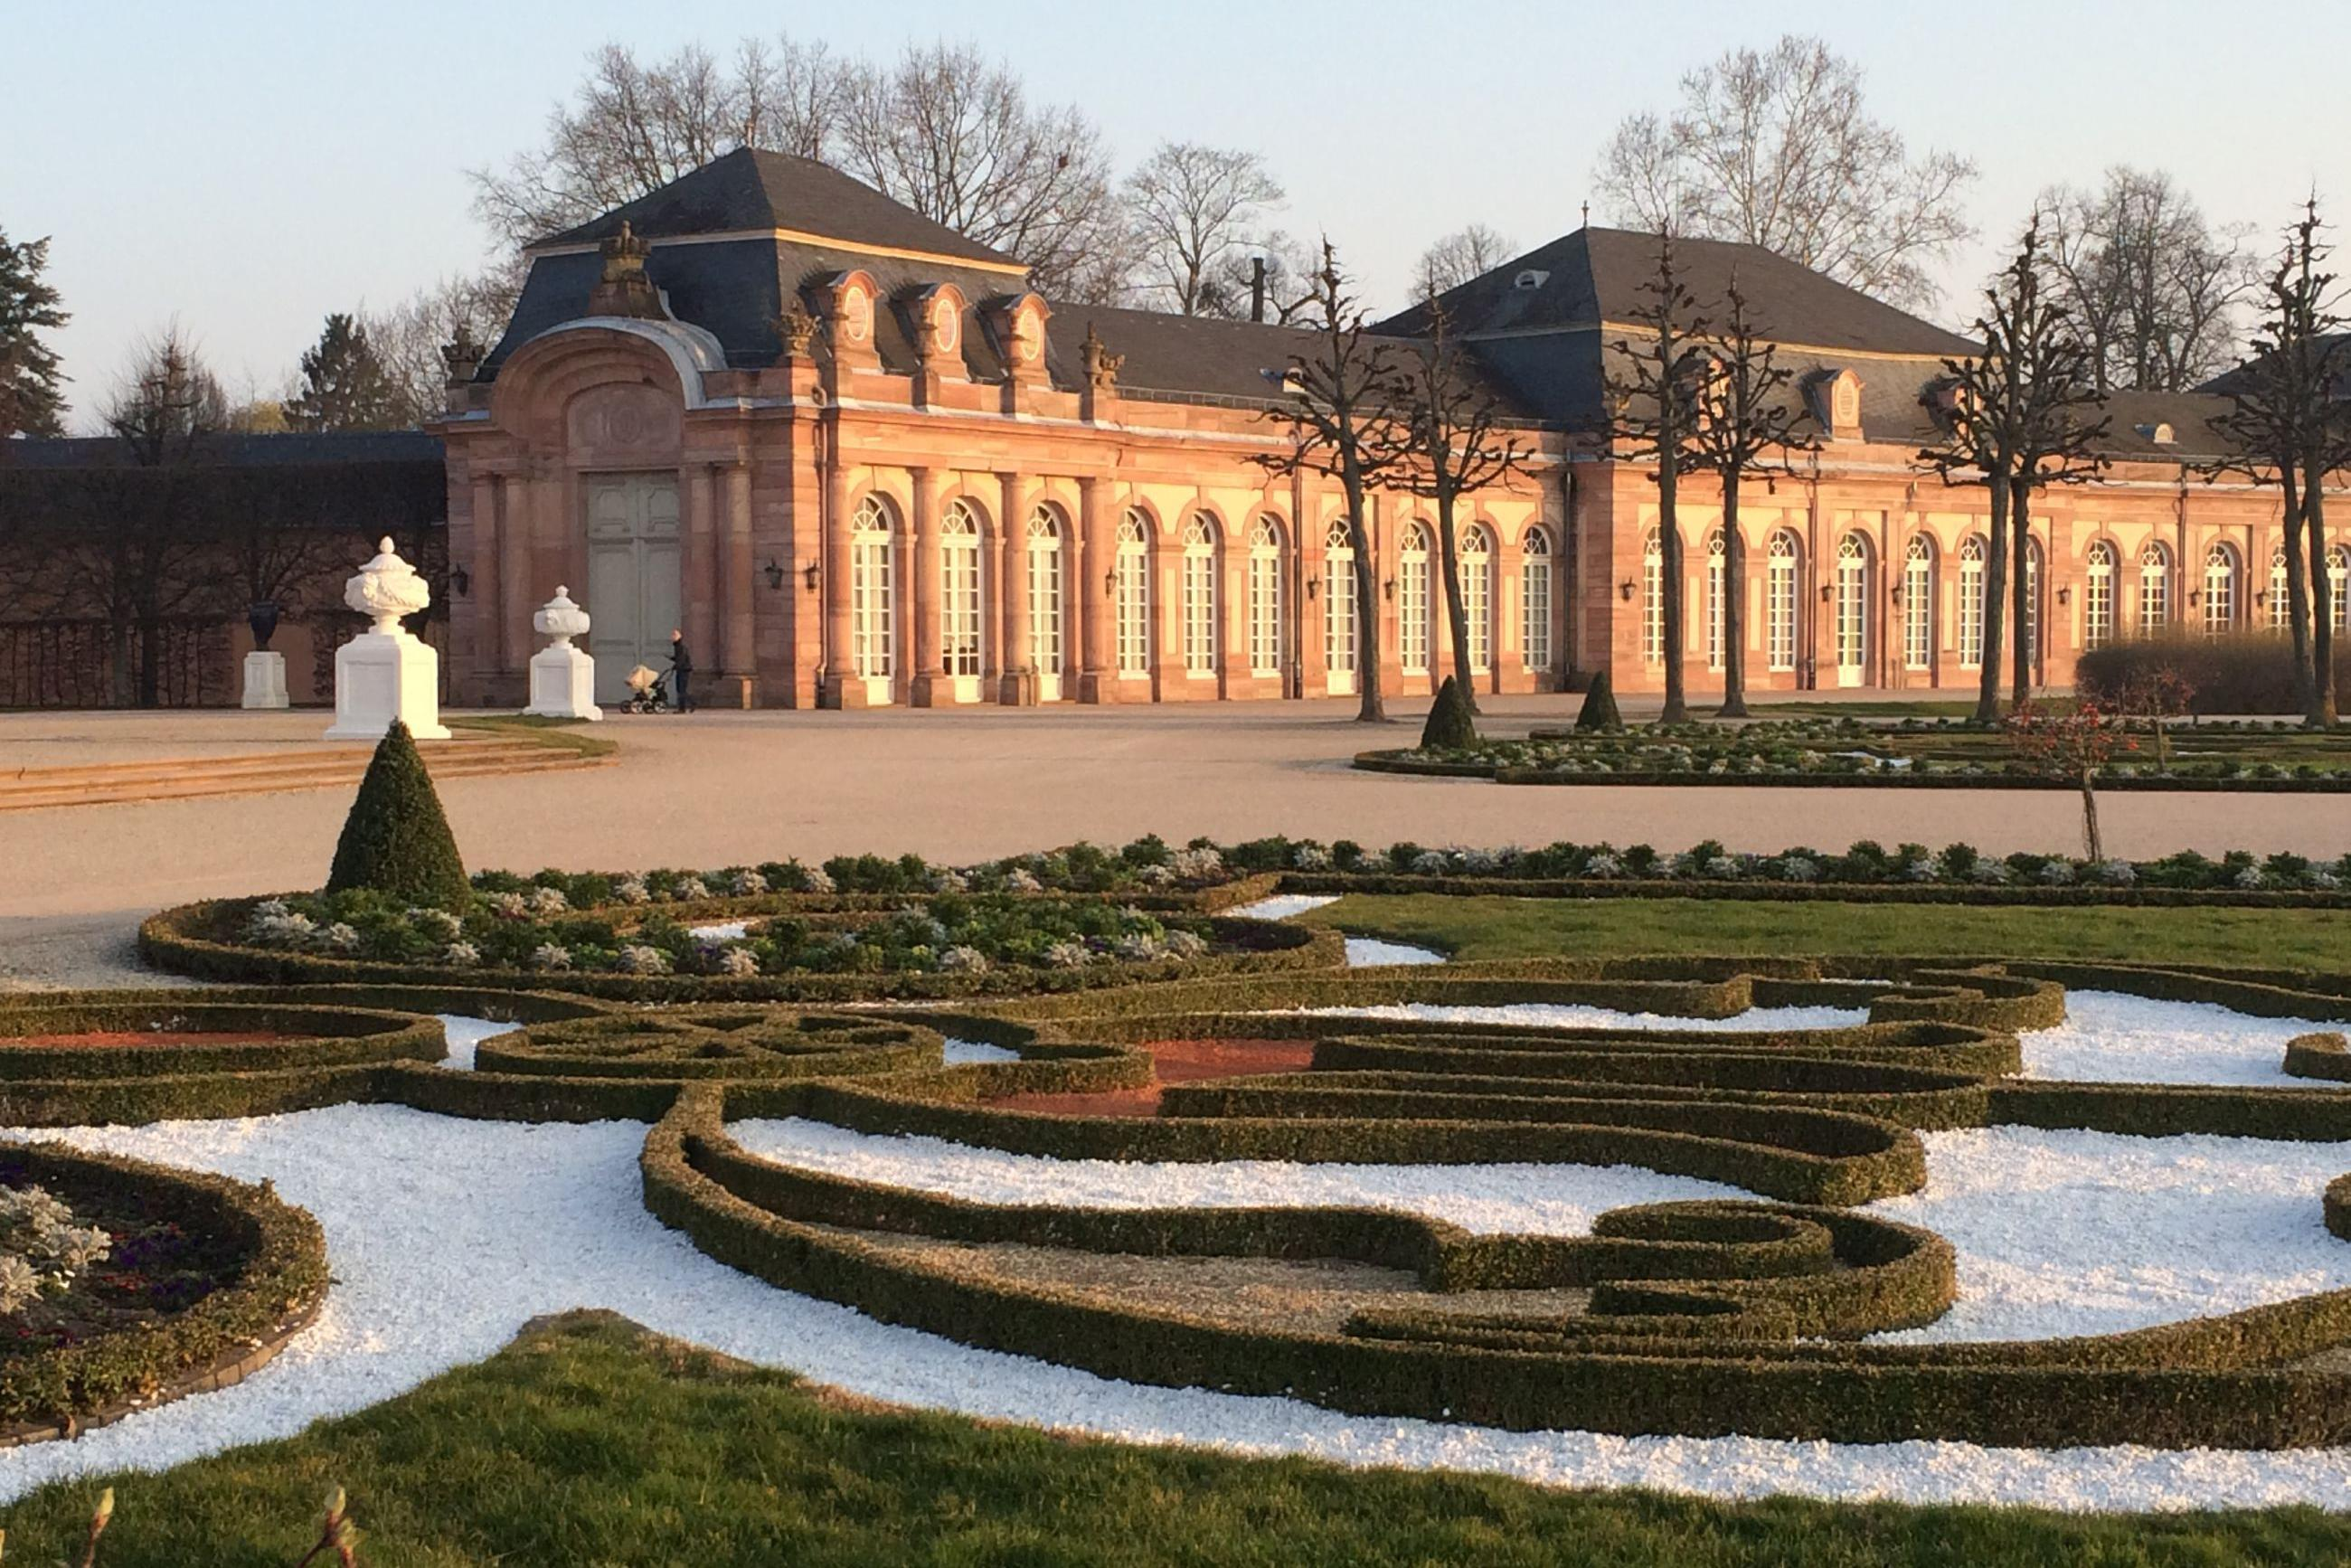 Schloss und Schlossgarten Schwetzingen, Außen, Südlicher Zirkelbau; Foto: Staatsanzeiger für Baden-Württemberg GmbH & Co. KG, Petra Schaffrodt